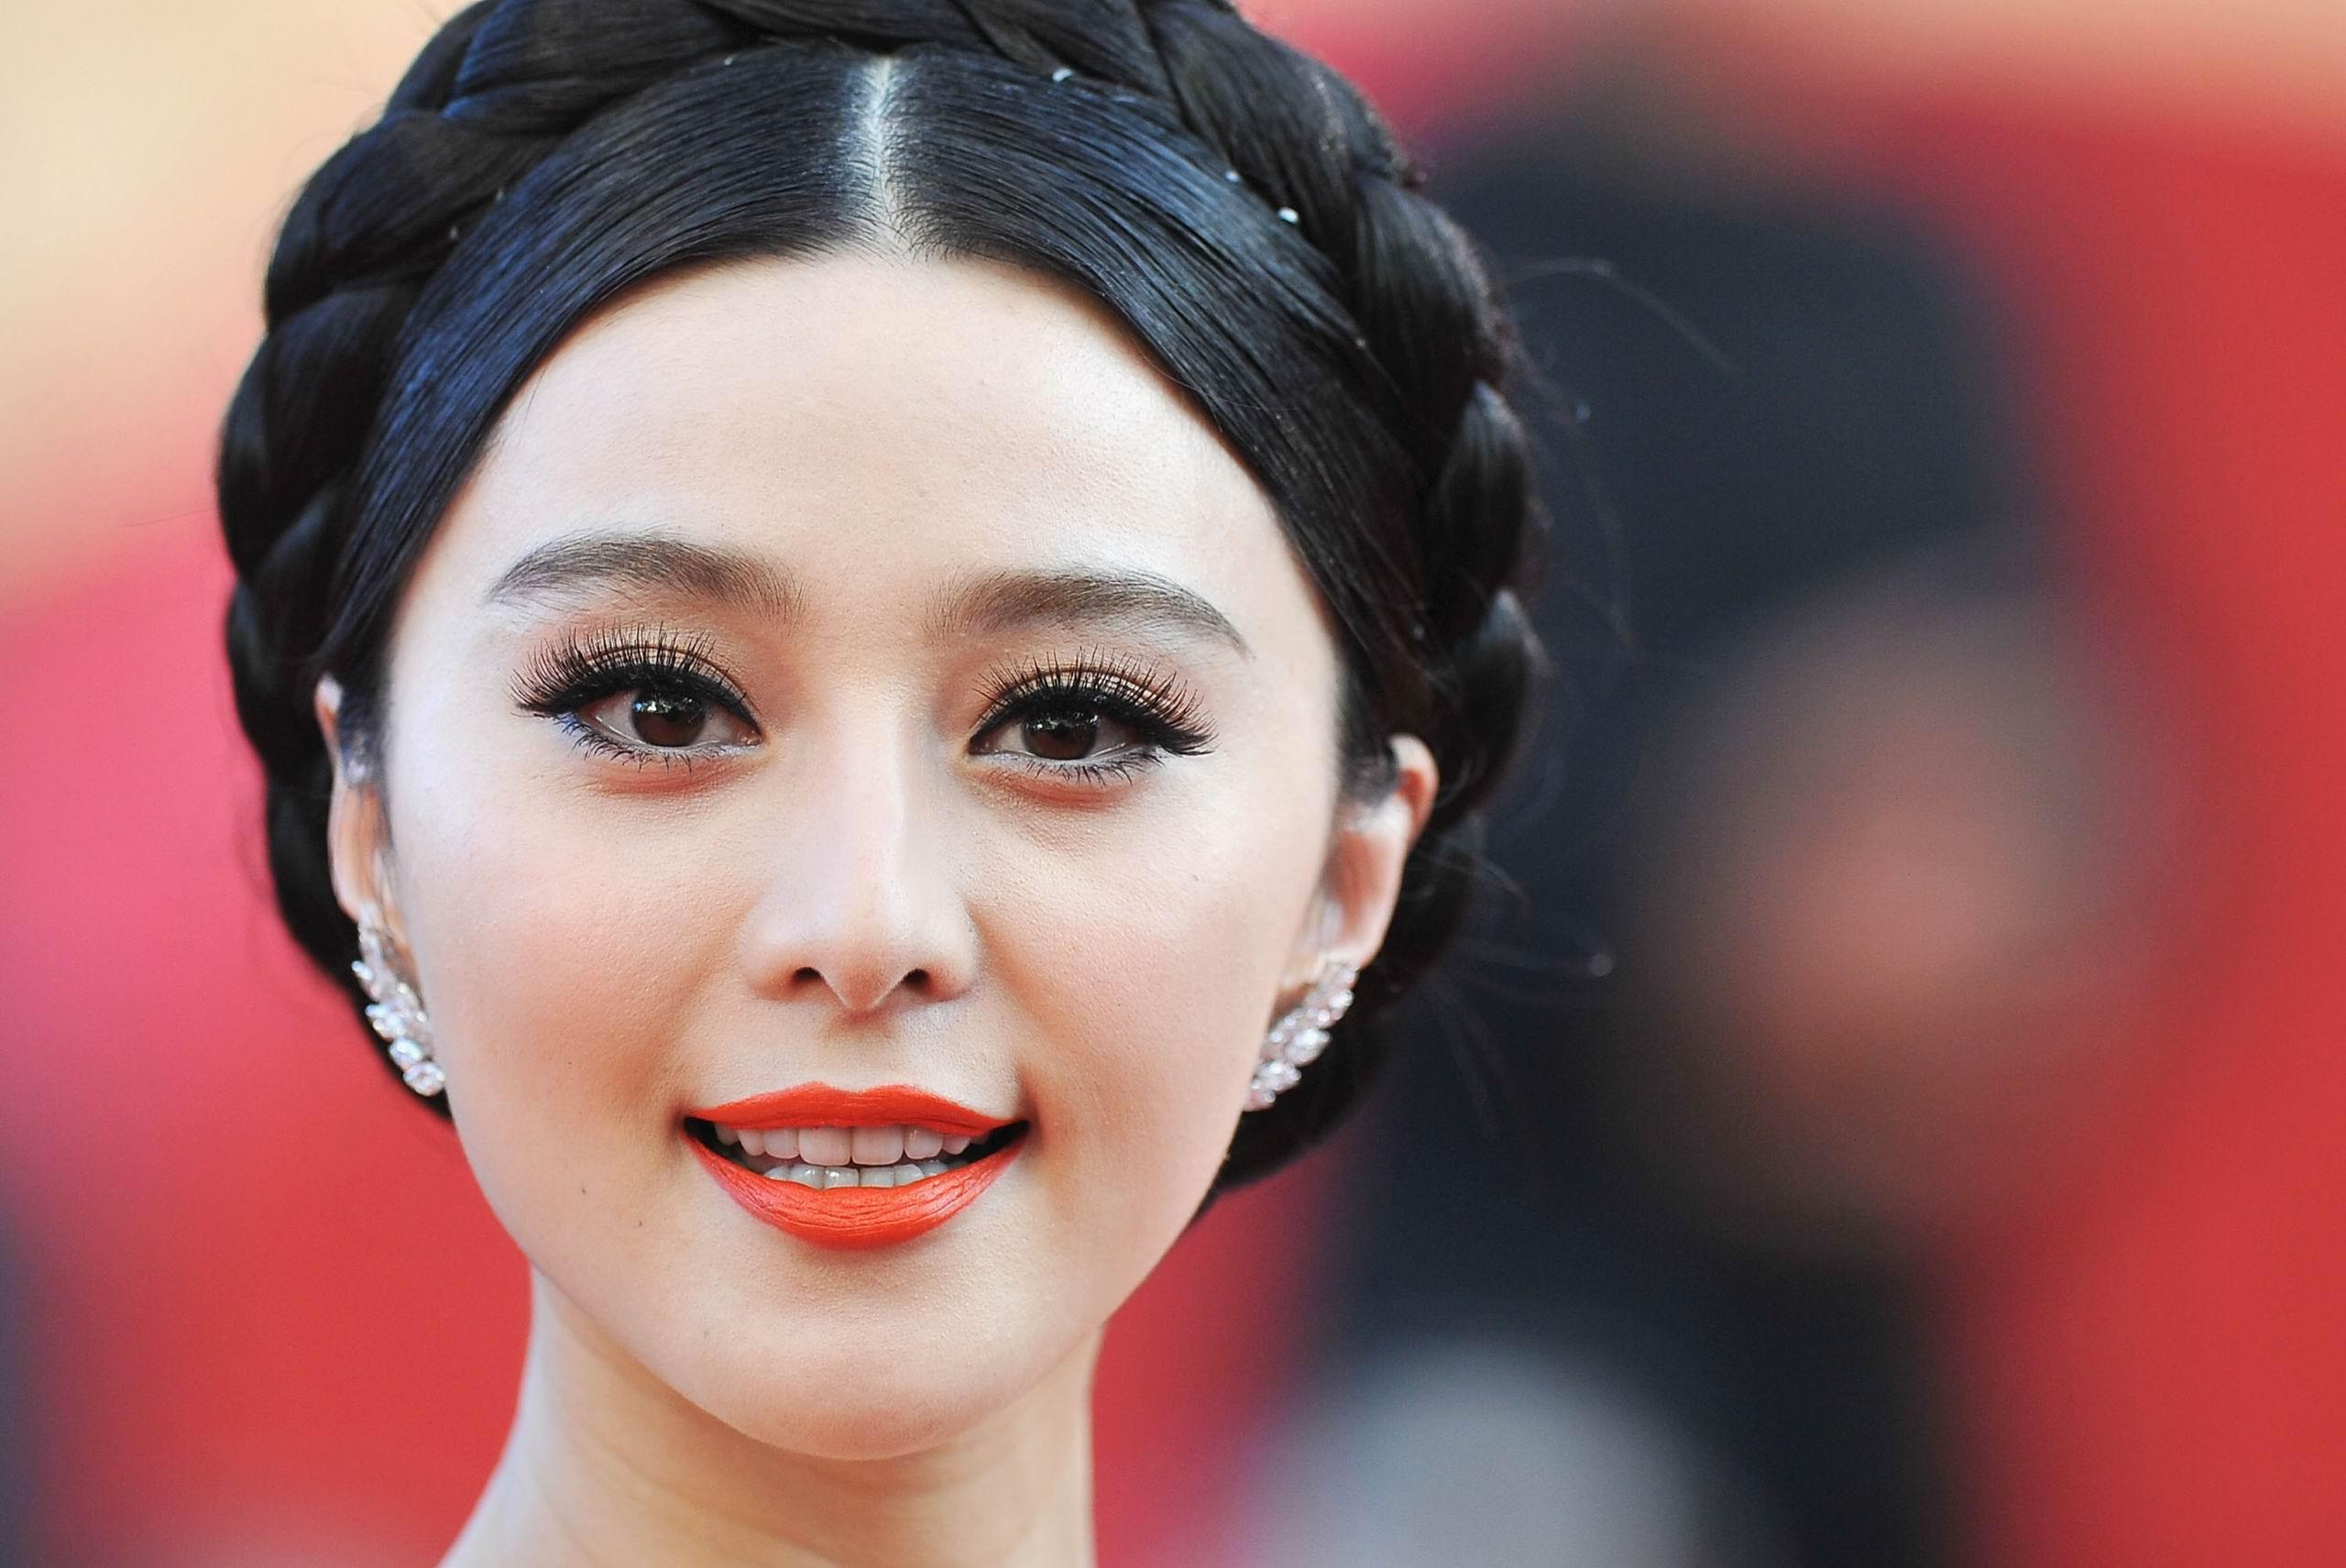 بالصور صور بنات الصين صور اجمل بنات الصين , خلفيات لفتيات اليابان 3776 2